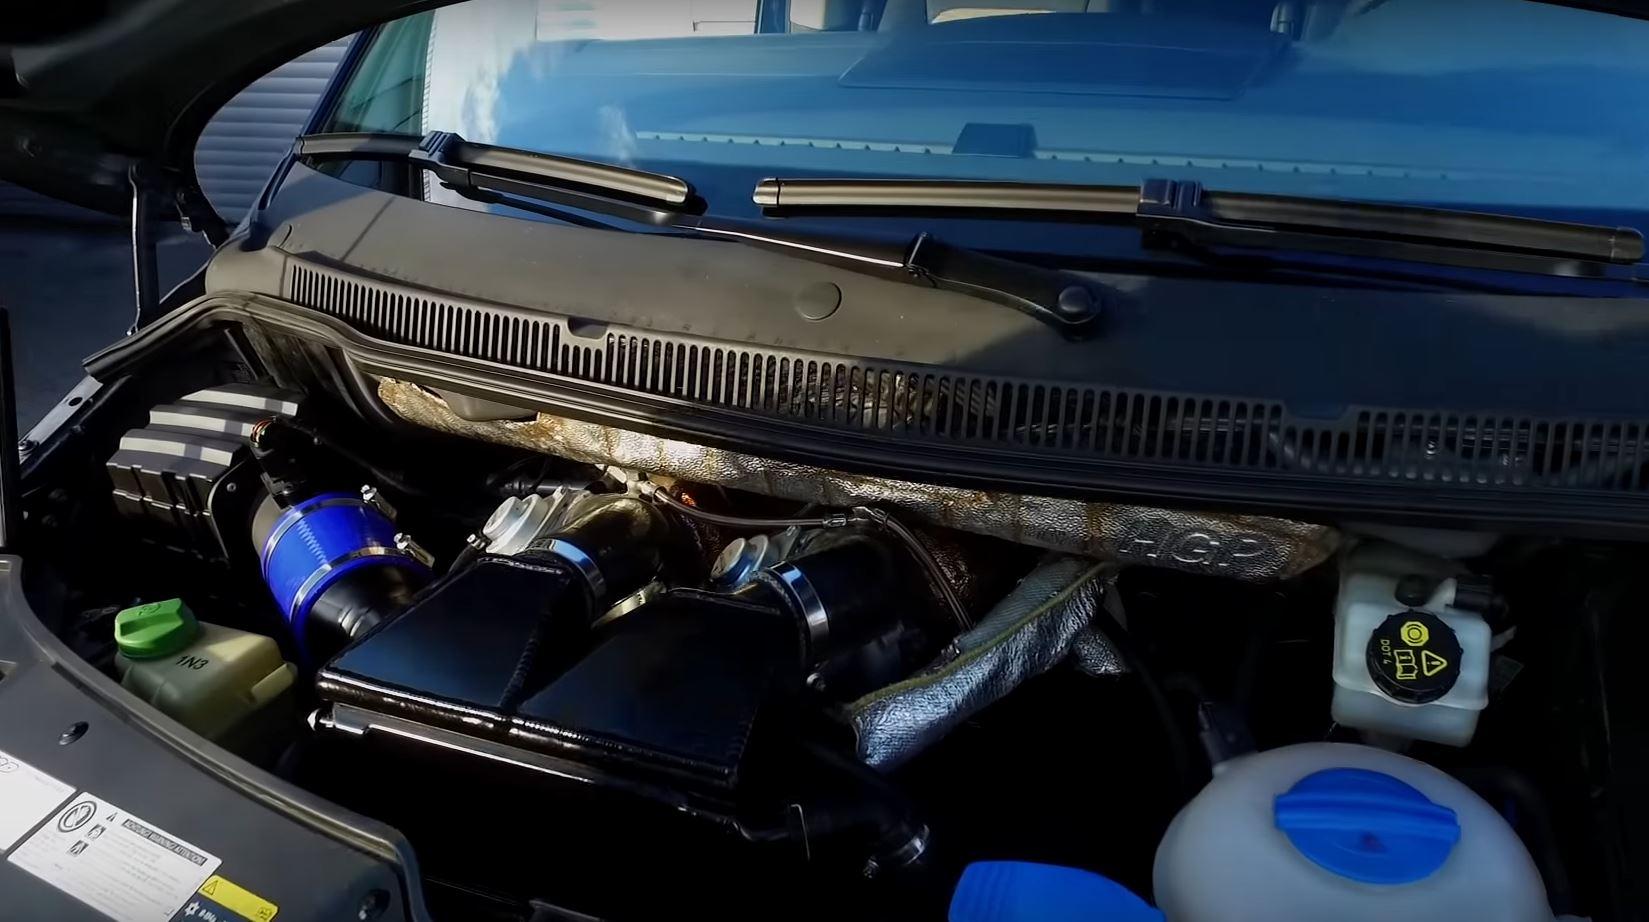 Šialená úprava HGP Volkswagen Multivan T5 3.6 V6 biturbo - motor ako sedmičkový Golf